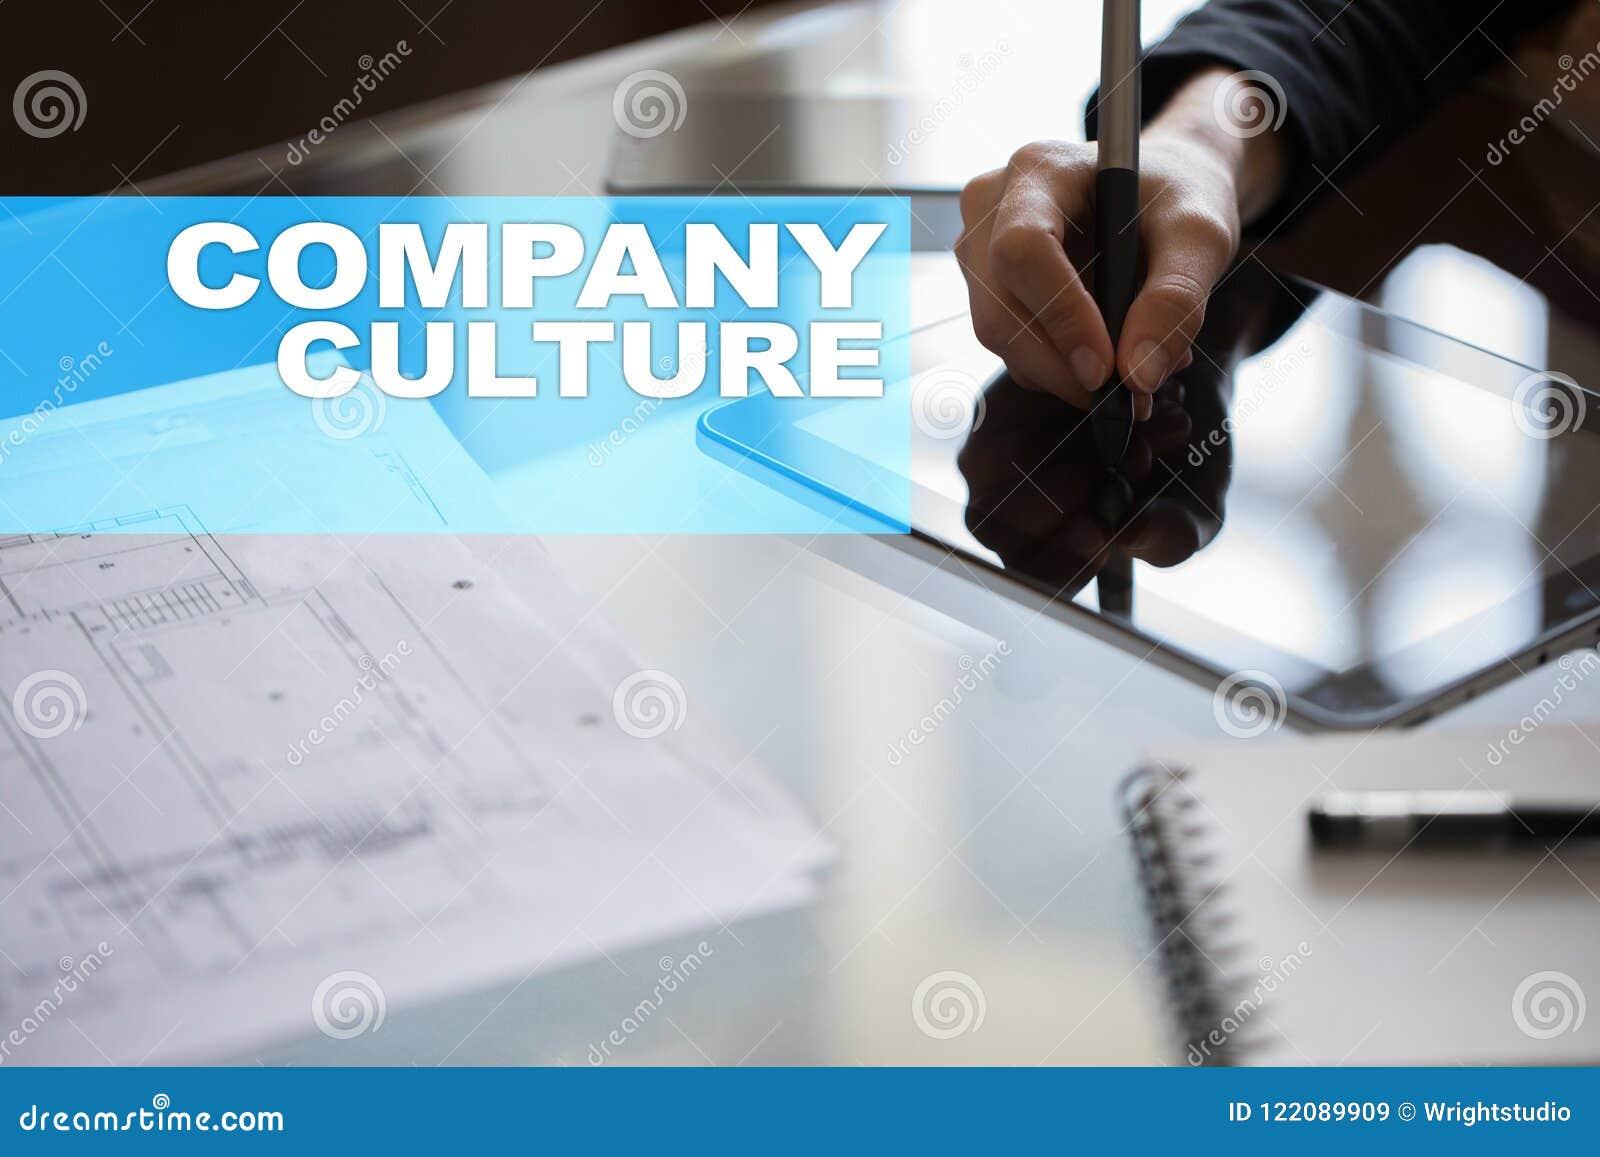 Texto da cultura de empresa na tela virtual Conceito do negócio, da tecnologia e do Internet